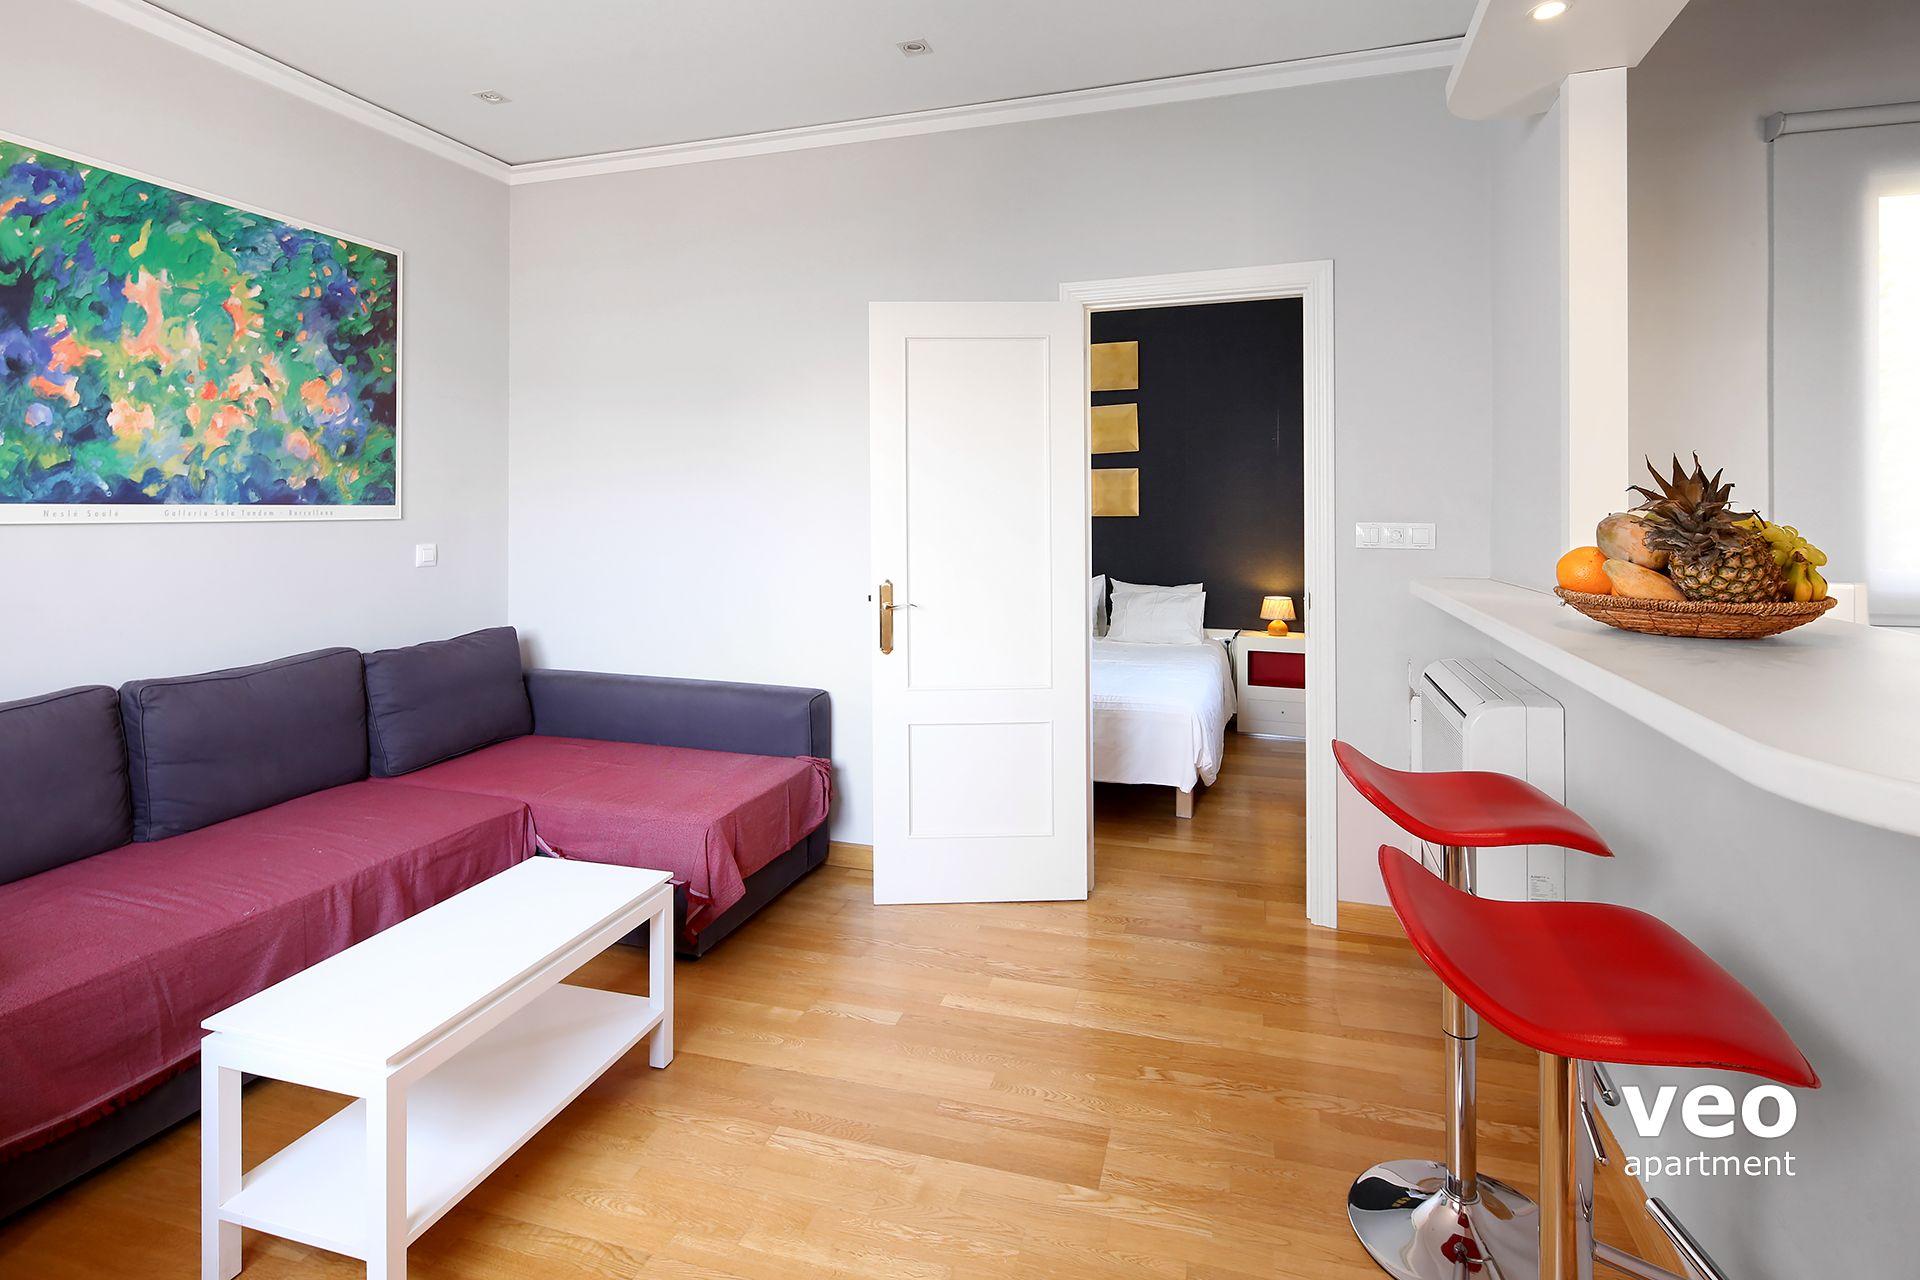 Sevilla apartmento calle hombre de piedra sevilla espa a for Registro bienes muebles sevilla